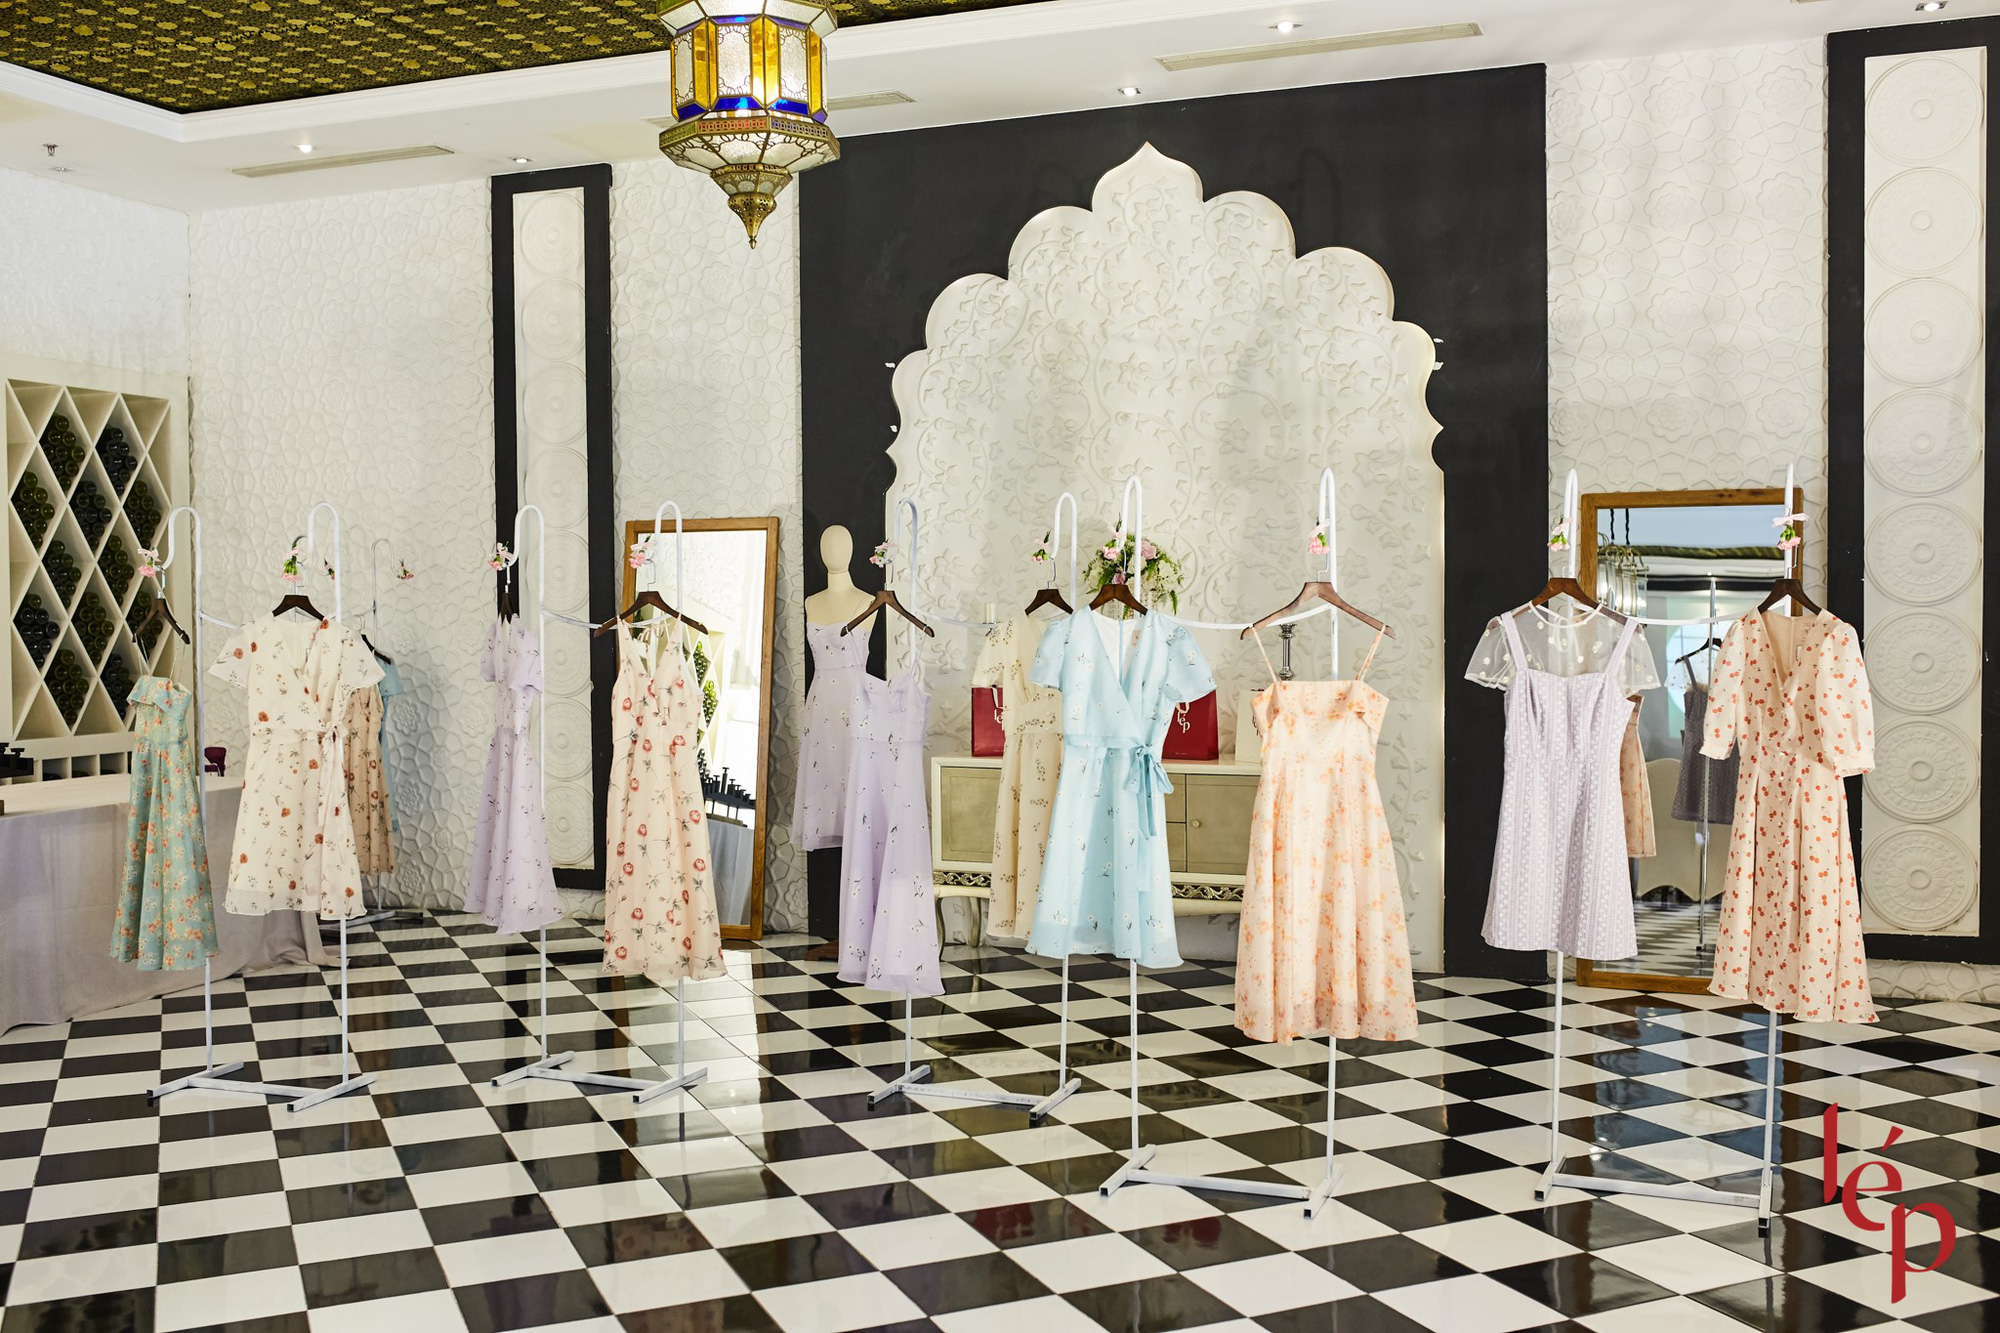 Lep' - Brand nổi tiếng với những chiếc váy hoa cùng khách hàng thiết kế họa trên lụa - Ảnh 7.